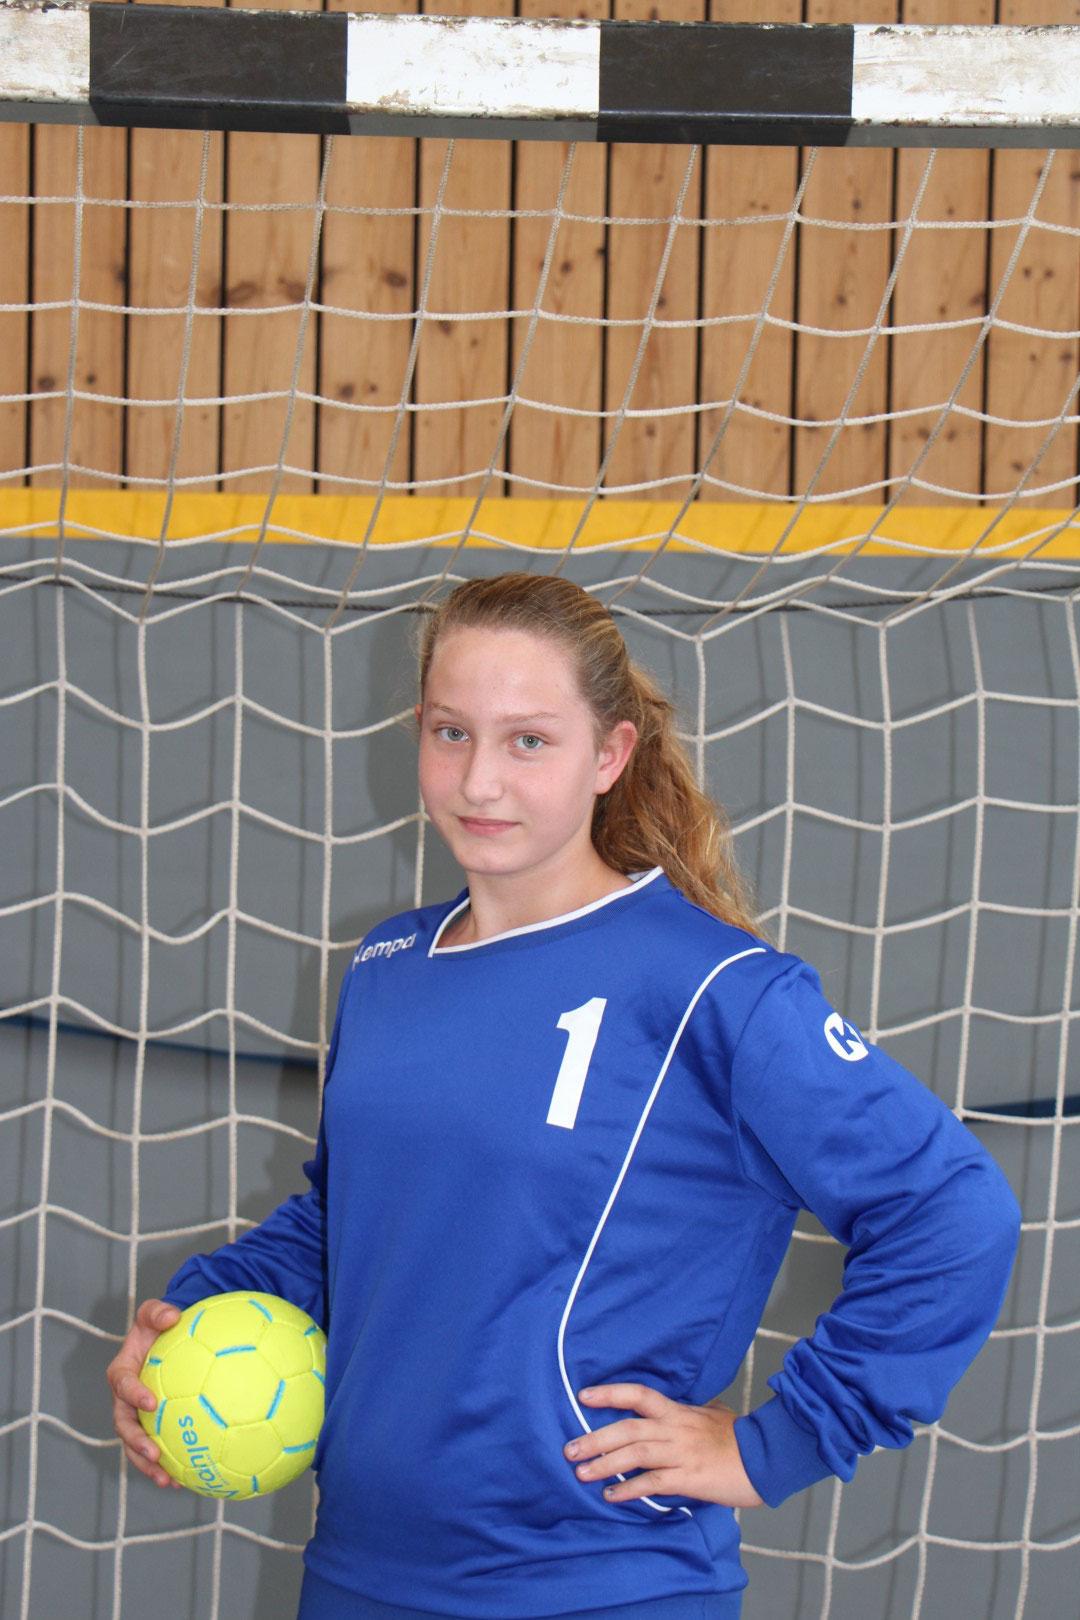 #1 Emily Klingauf